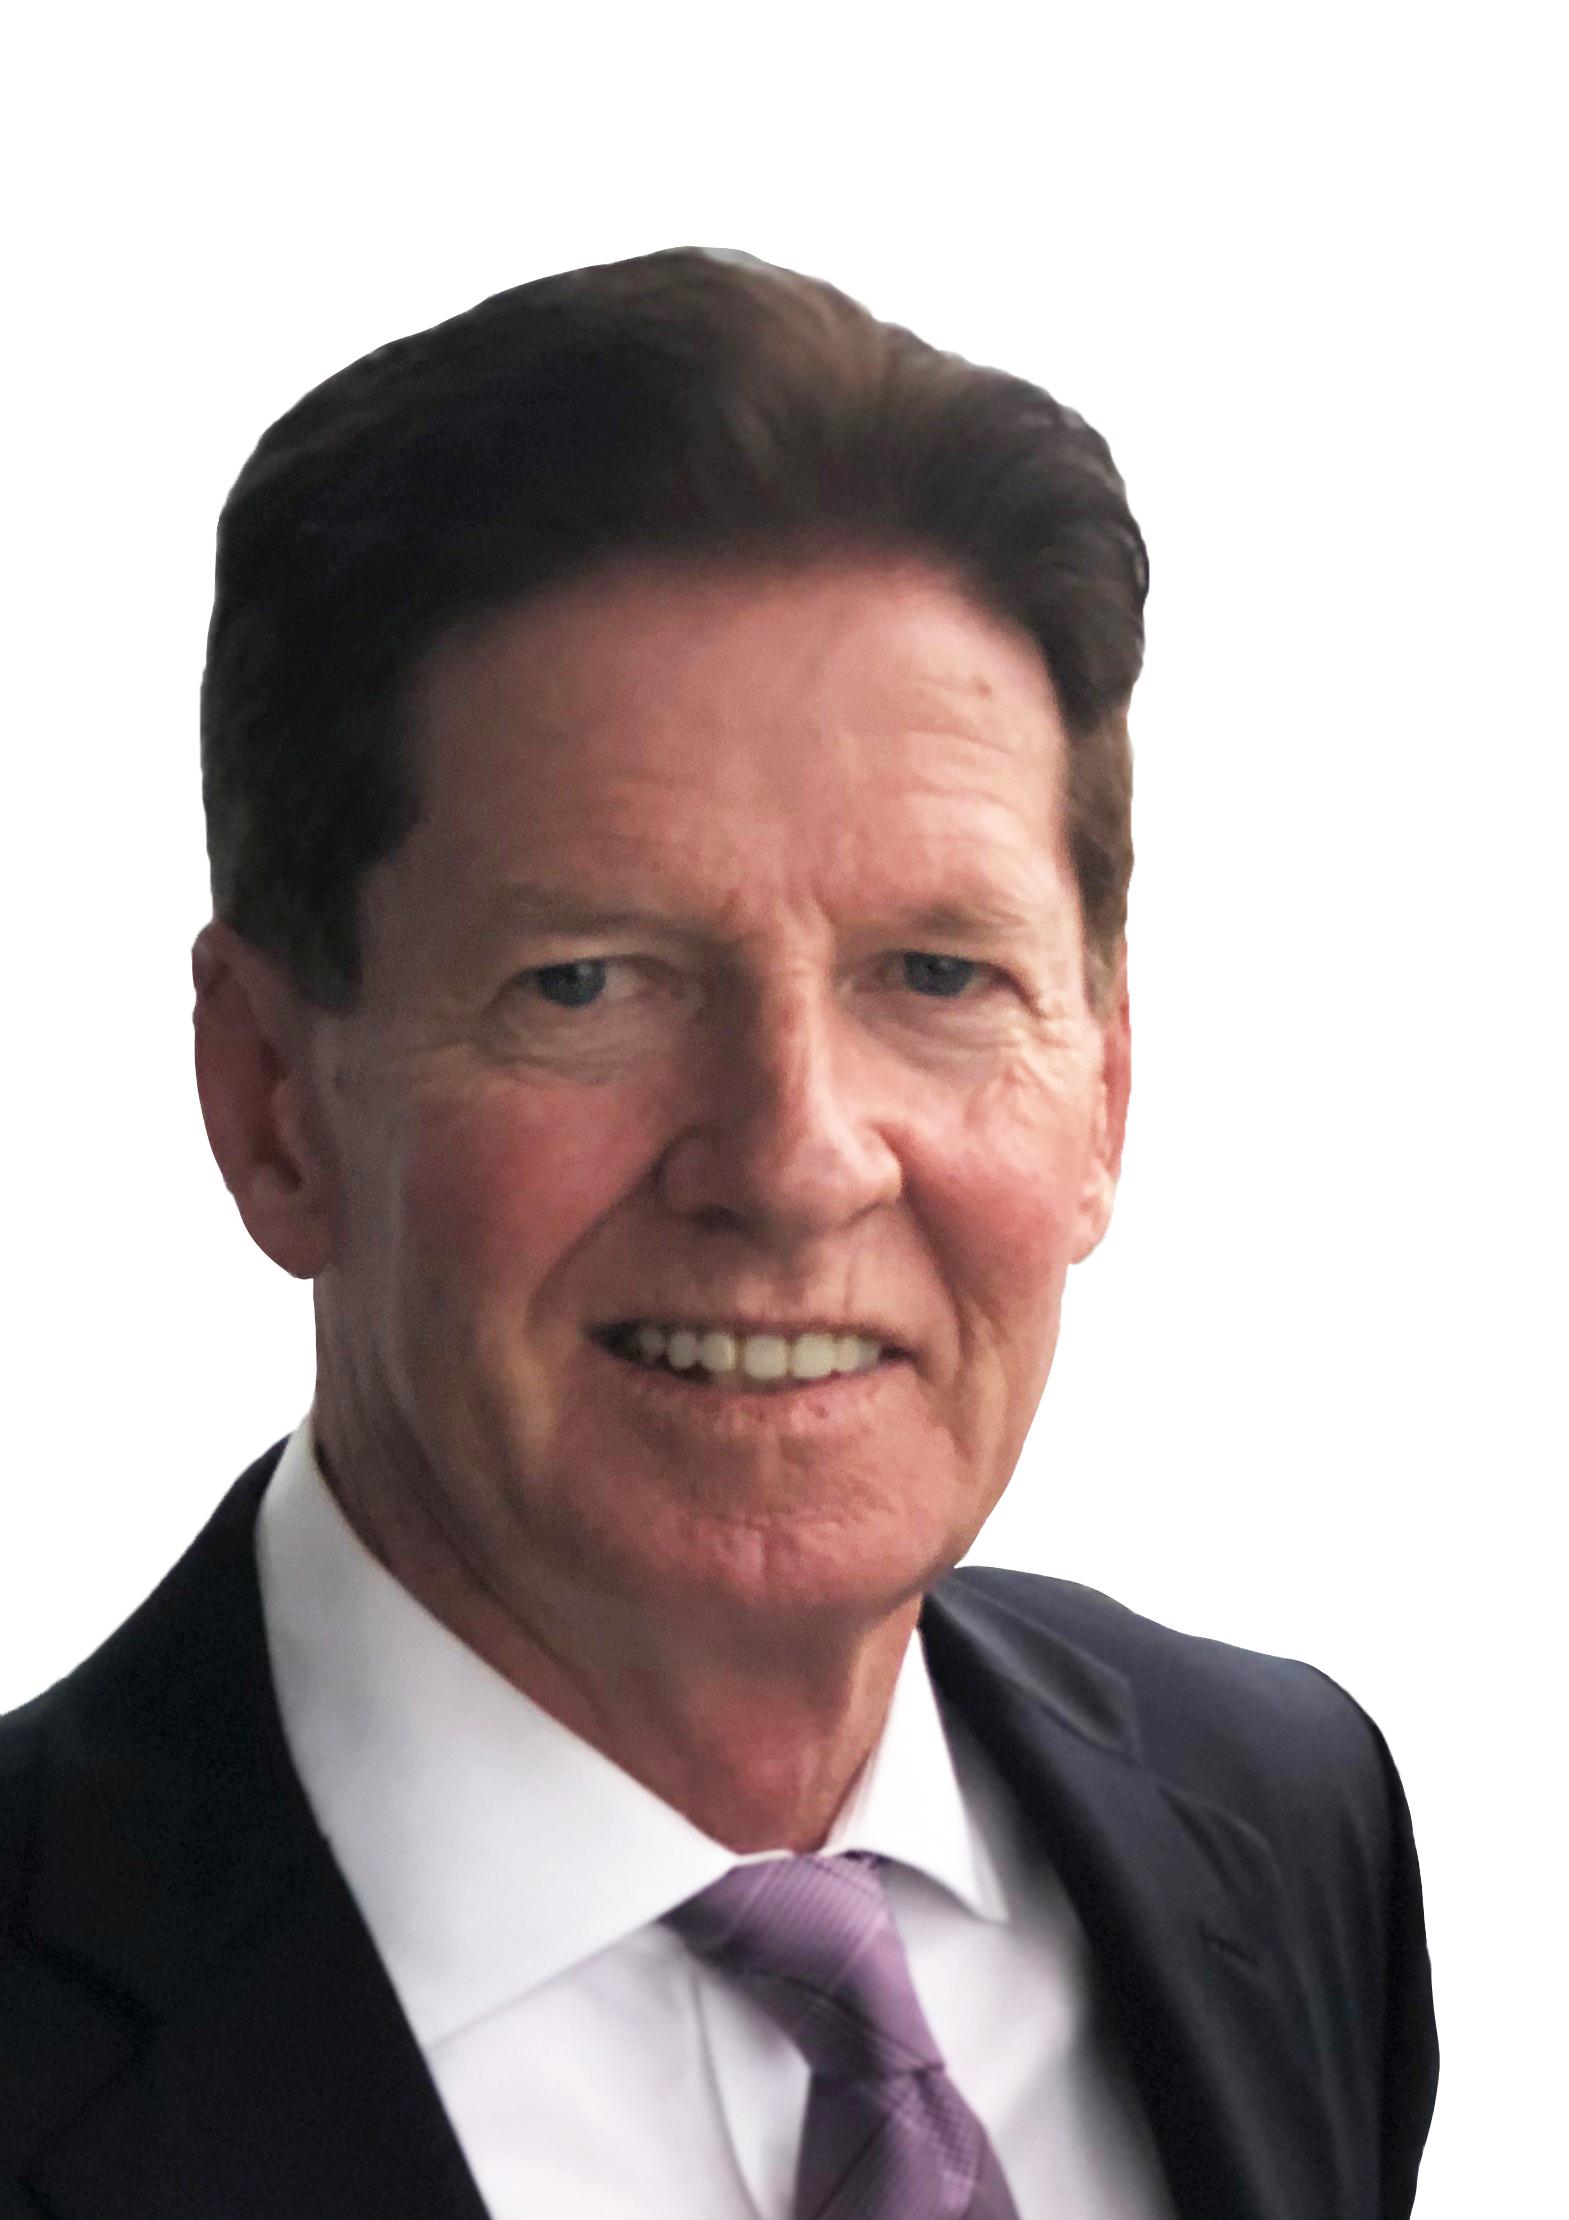 David MacGrotty Headshot 2019